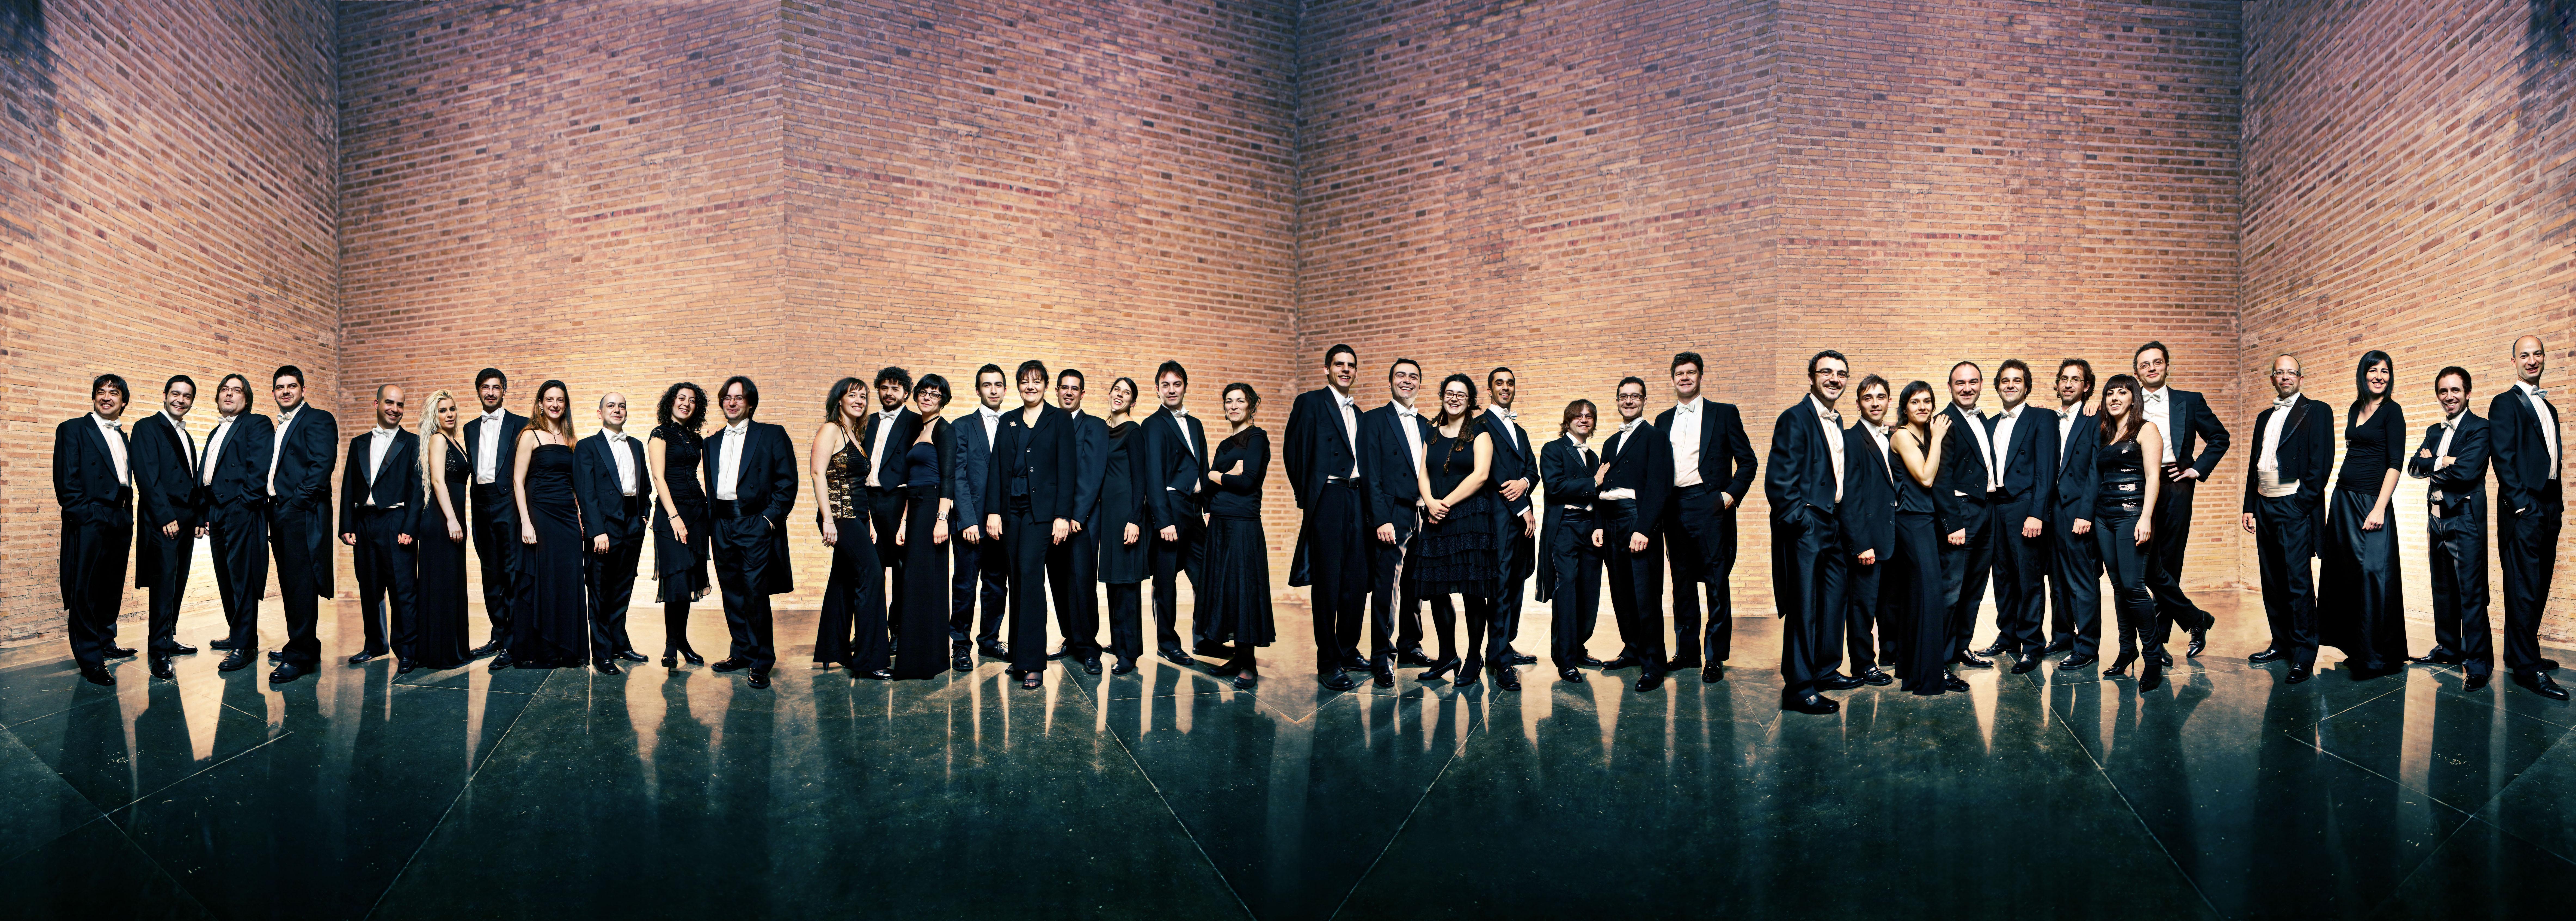 Orquestra de l´Associació de Concerts-Camerata XXI